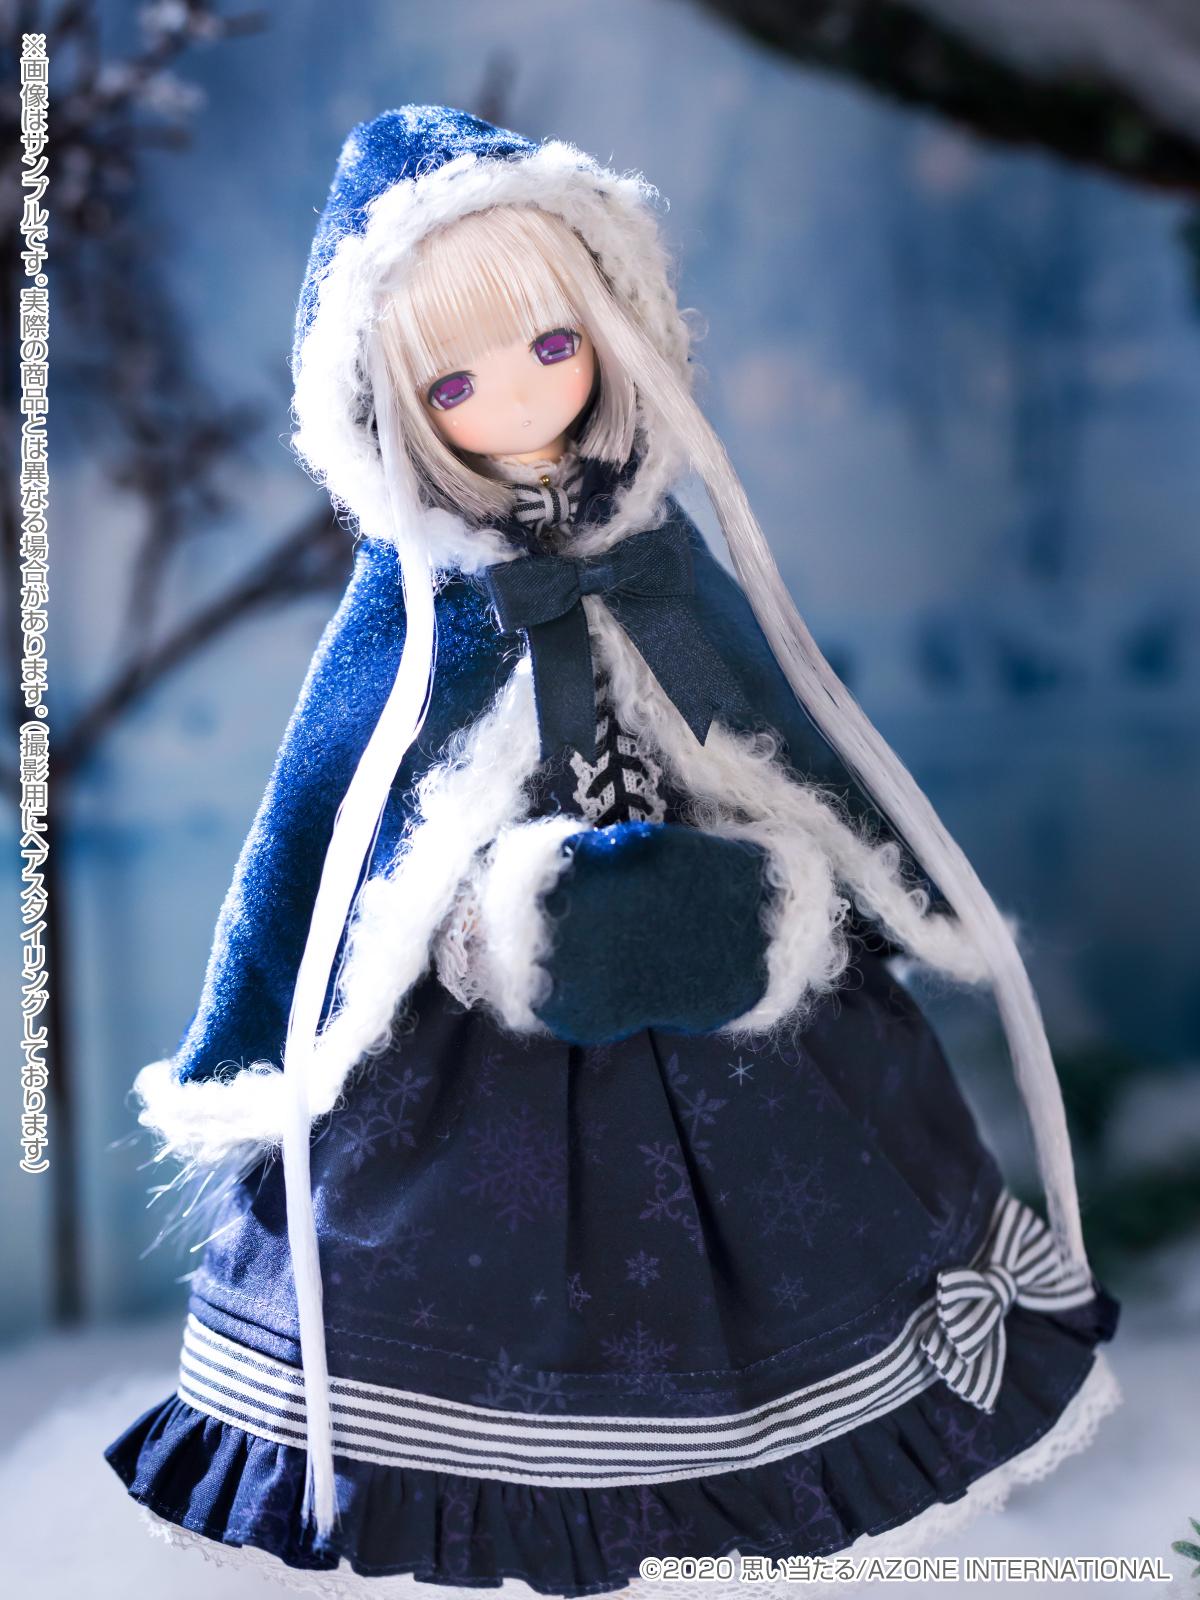 えっくす☆きゅーと ふぁみりー『Otogi no kuni/Snow Queen Mia(おとぎのくに 雪の女王 みあ)ver.1.1(通常販売ver.)』1/6 完成品ドール-002